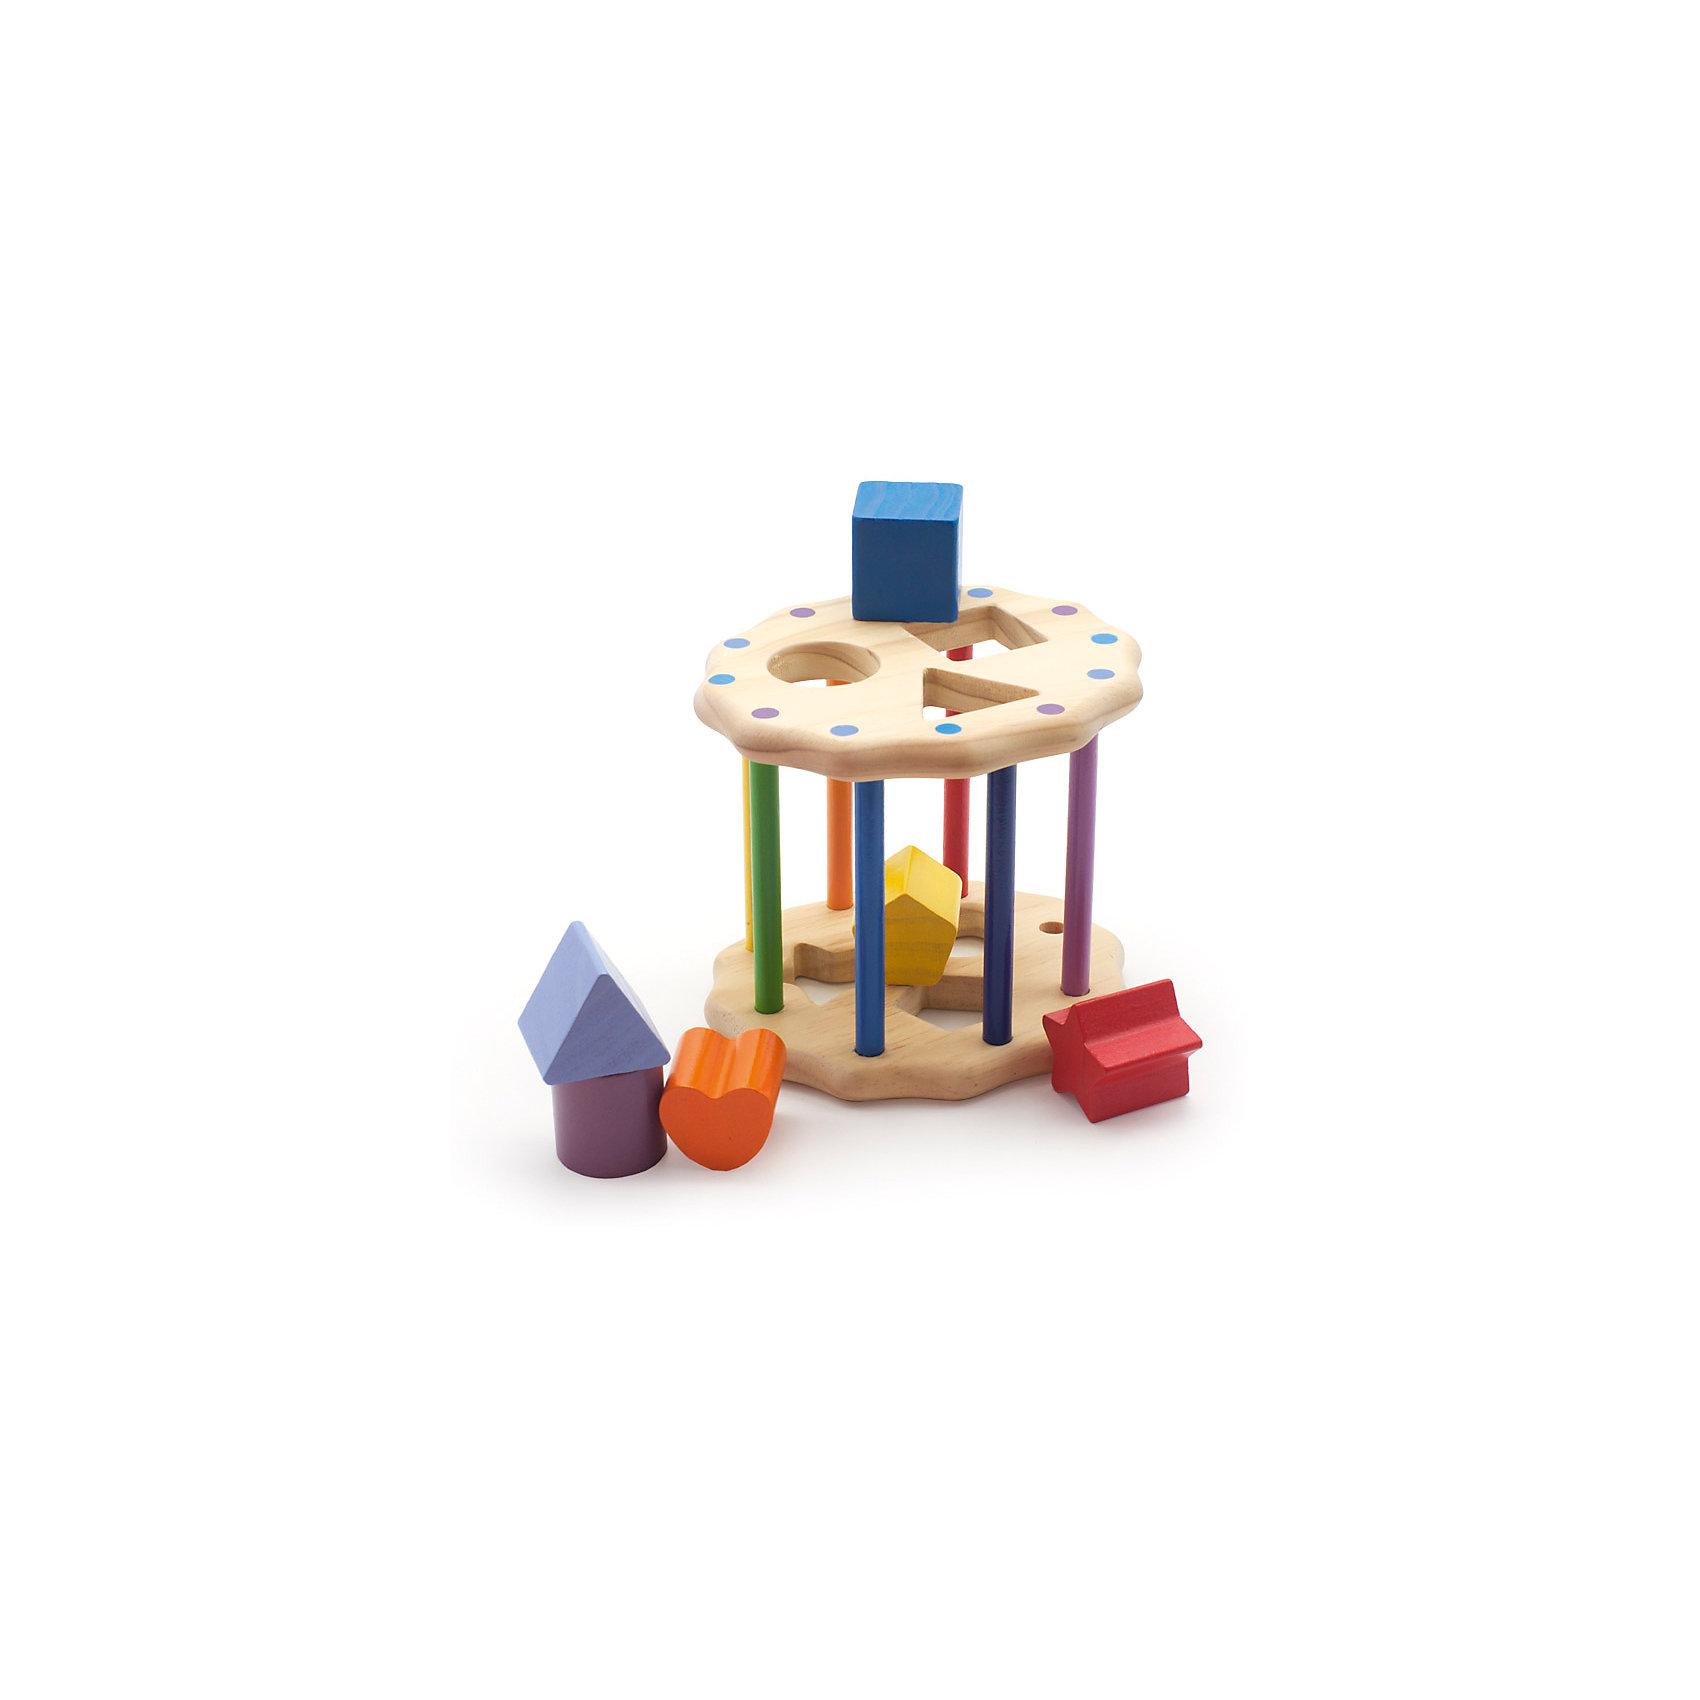 Занимательный цилиндр, Мир деревянных игрушек